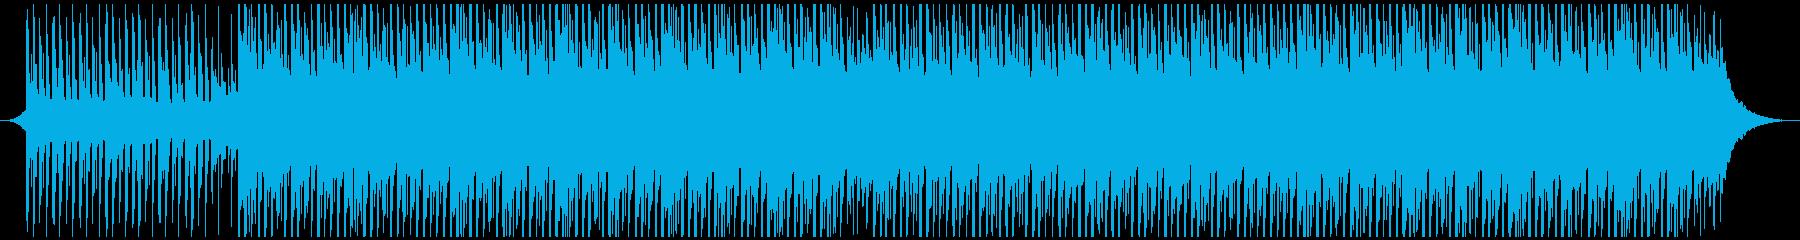 コーポレートの再生済みの波形